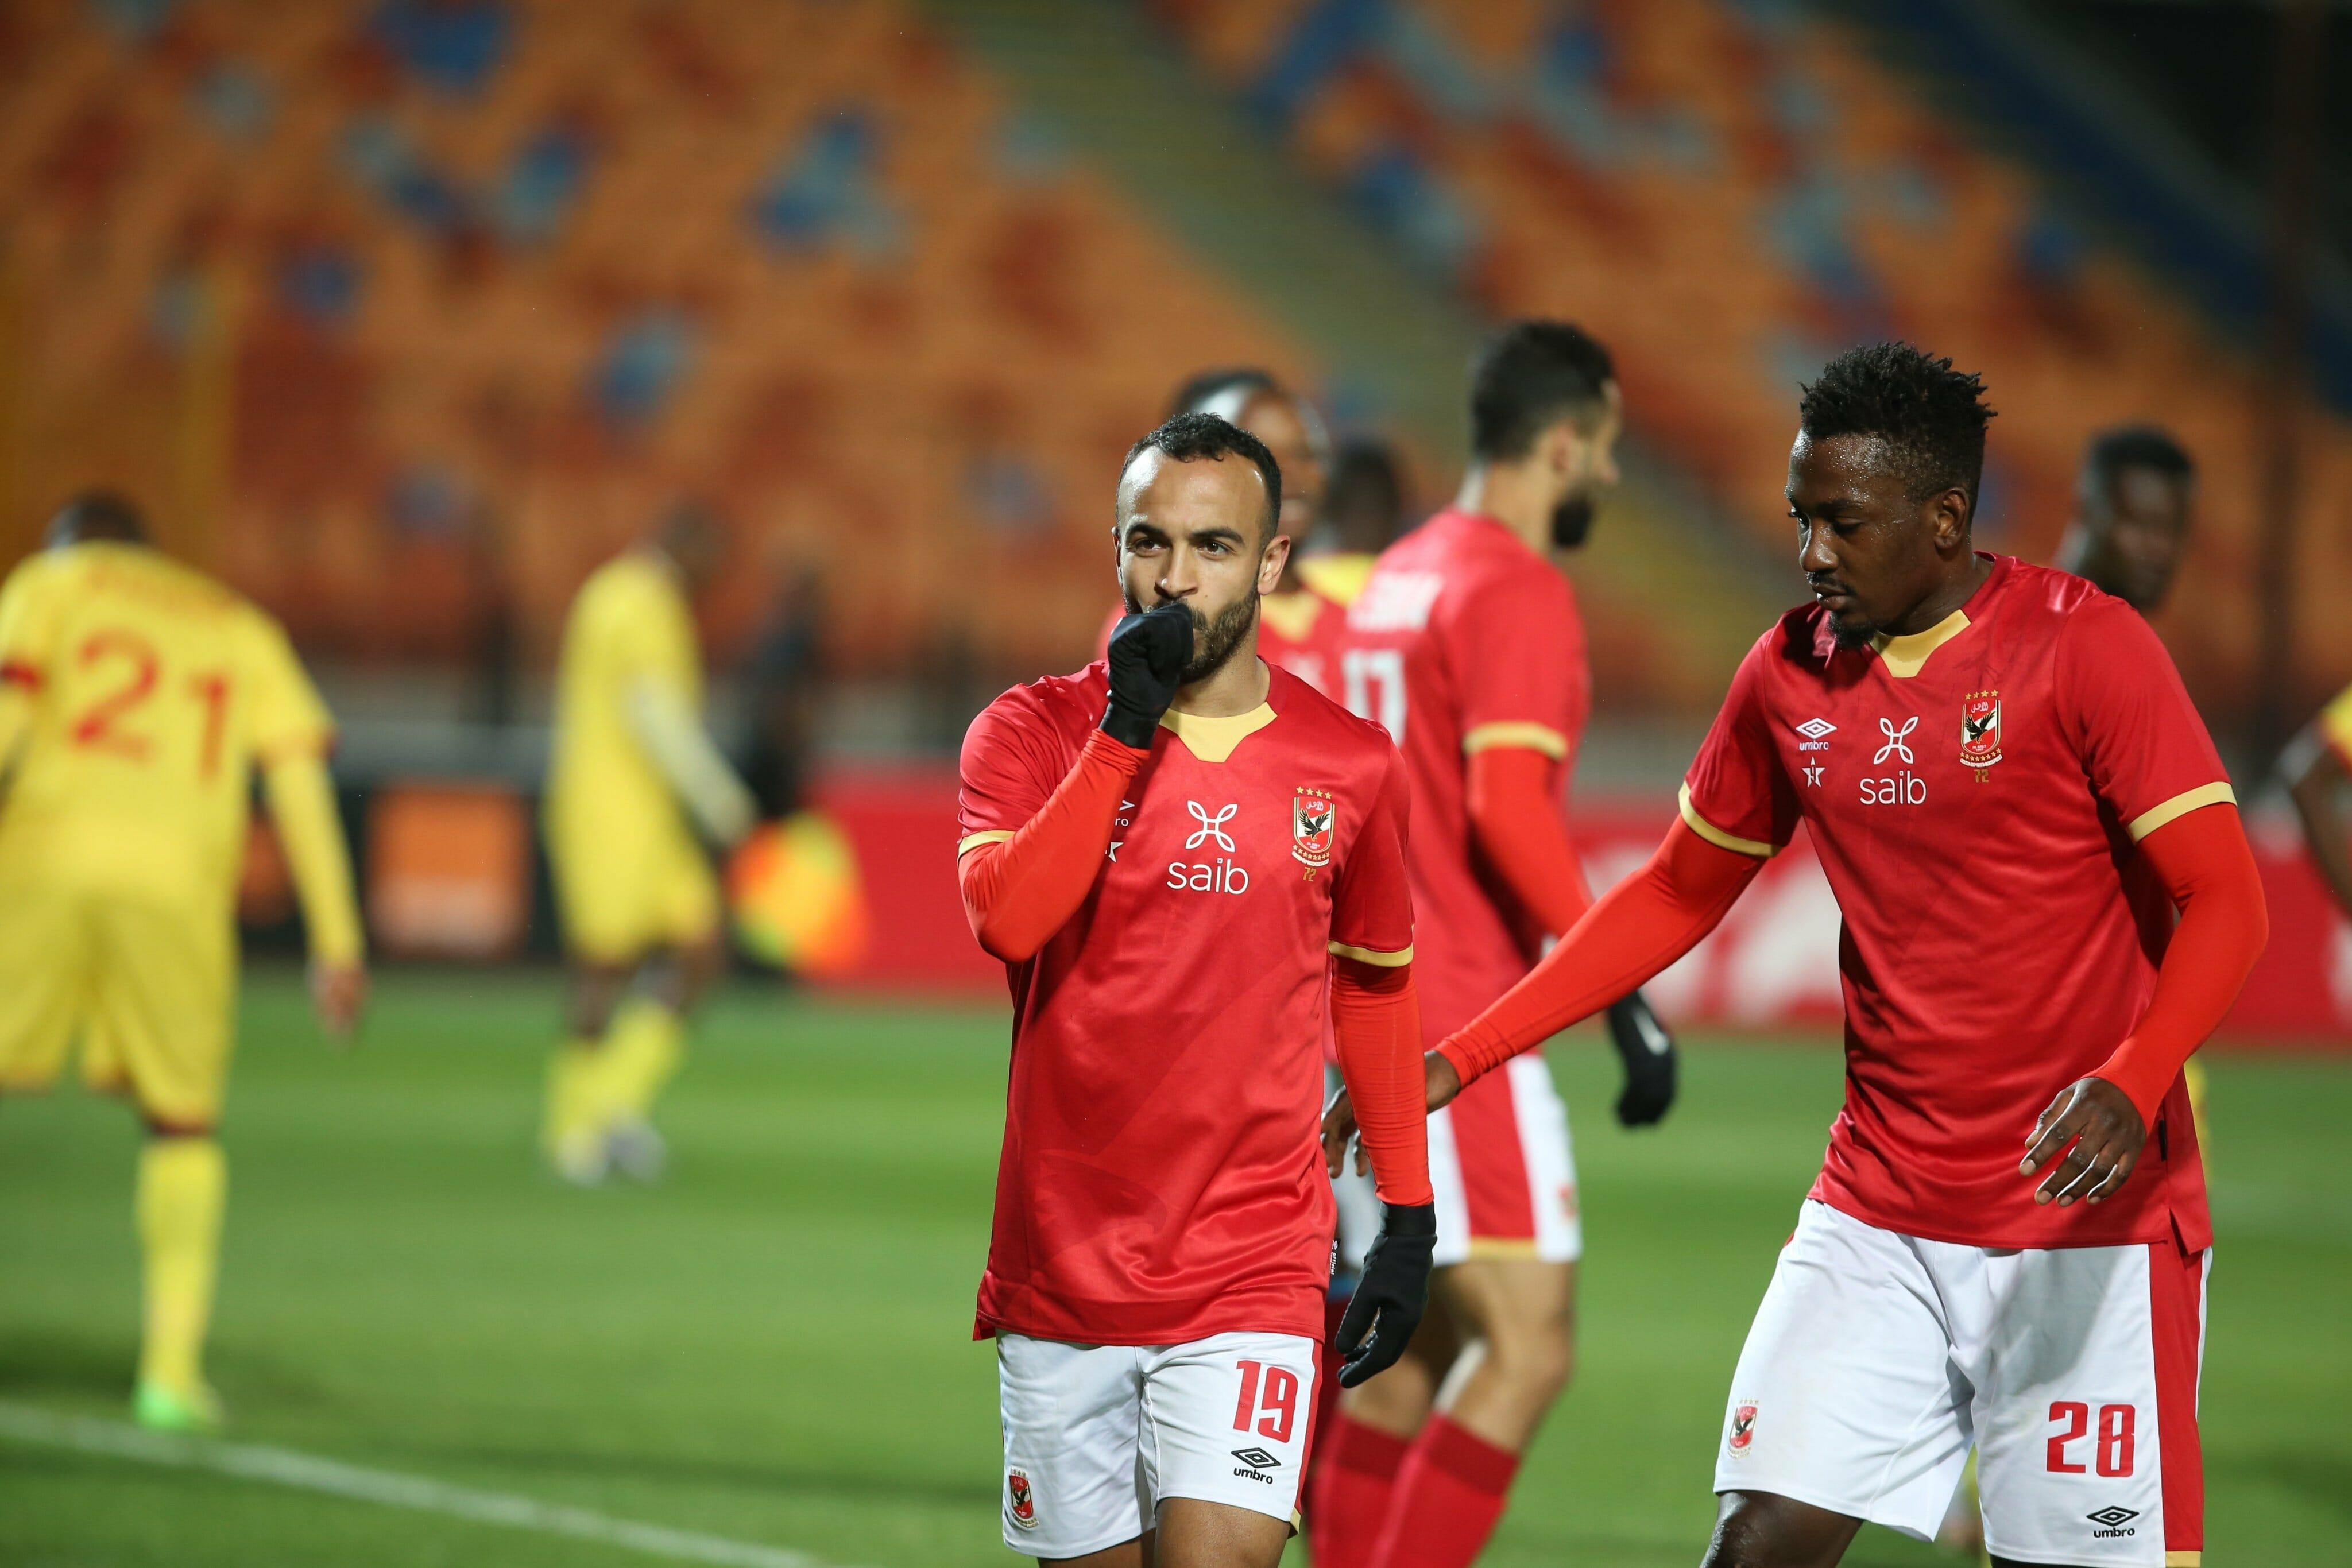 موعد مباراة الأهلي وسيمبا التنزاني في دوري أبطال أفريقيا